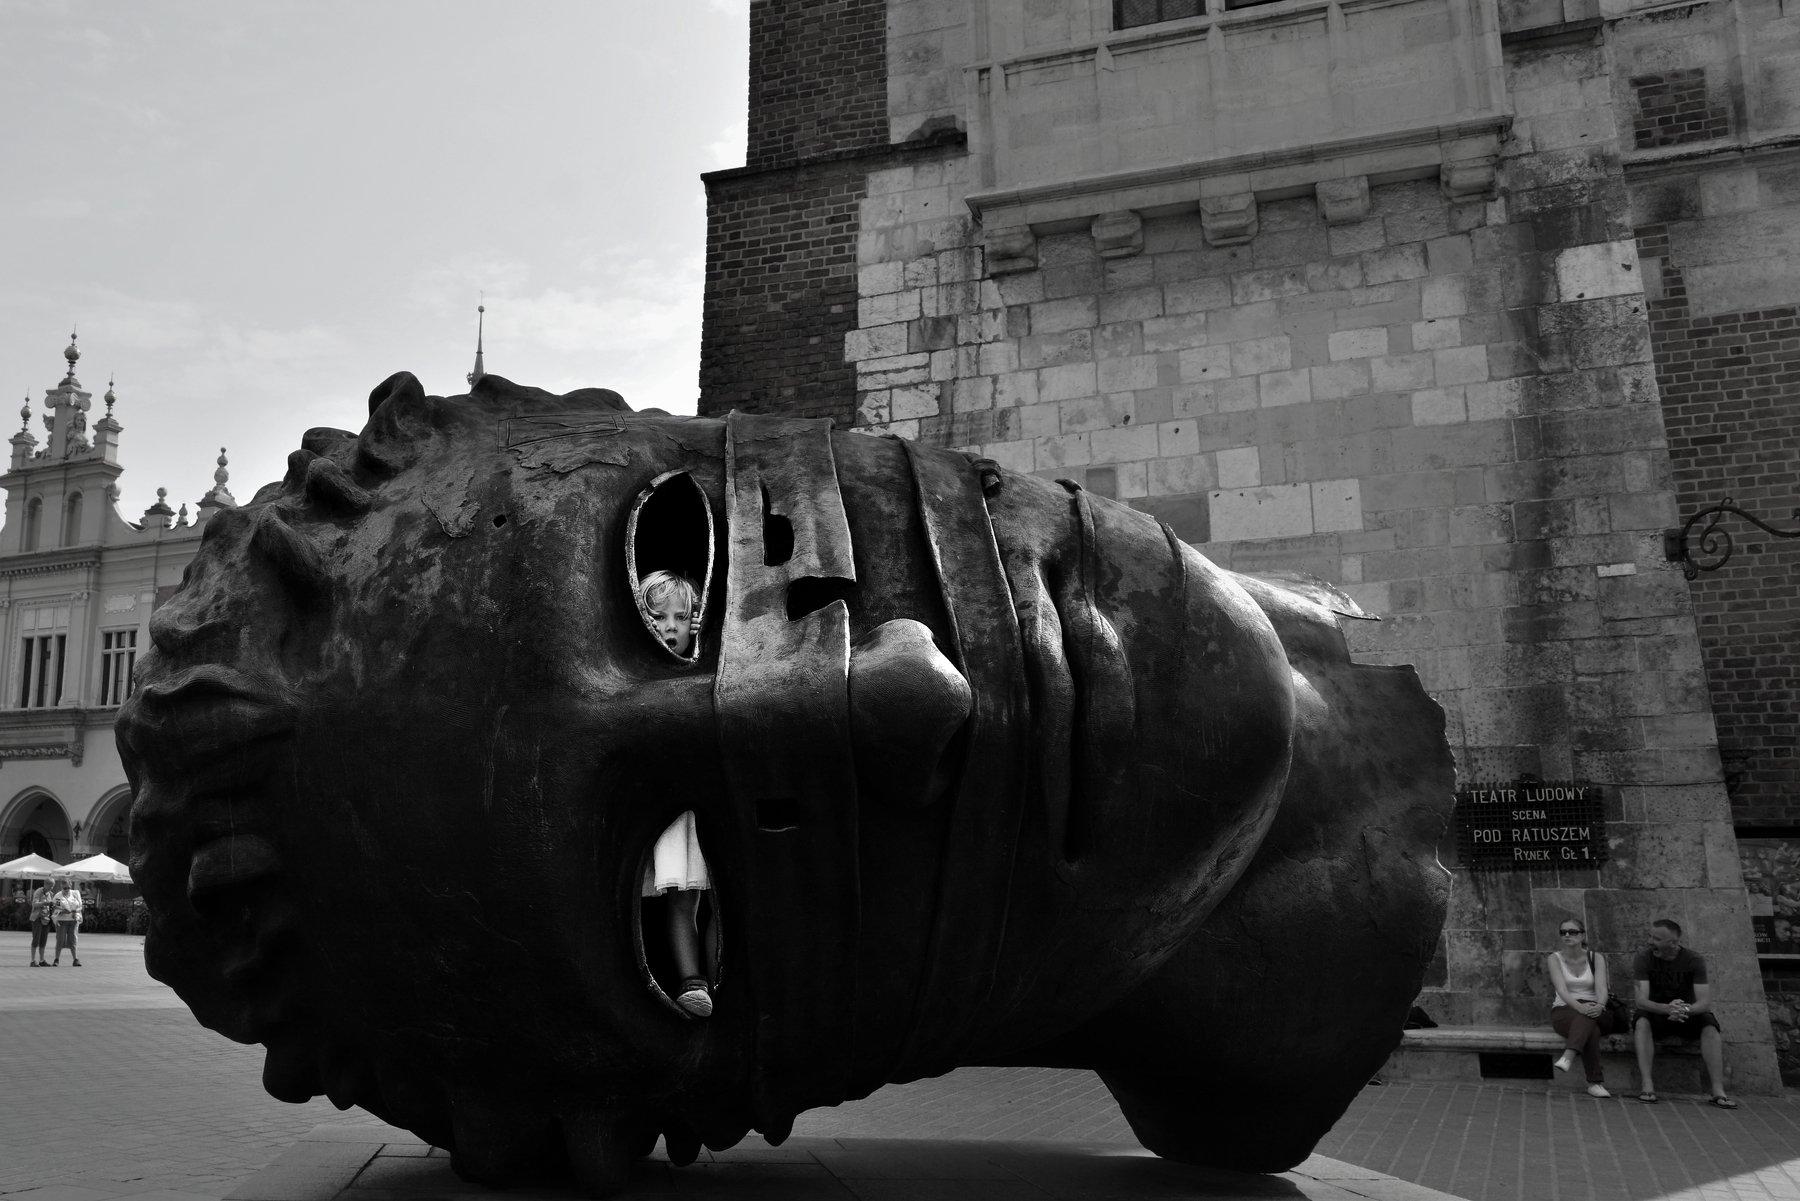 #krakow #travel #black and white #street #art #city, RACEALA ELENA